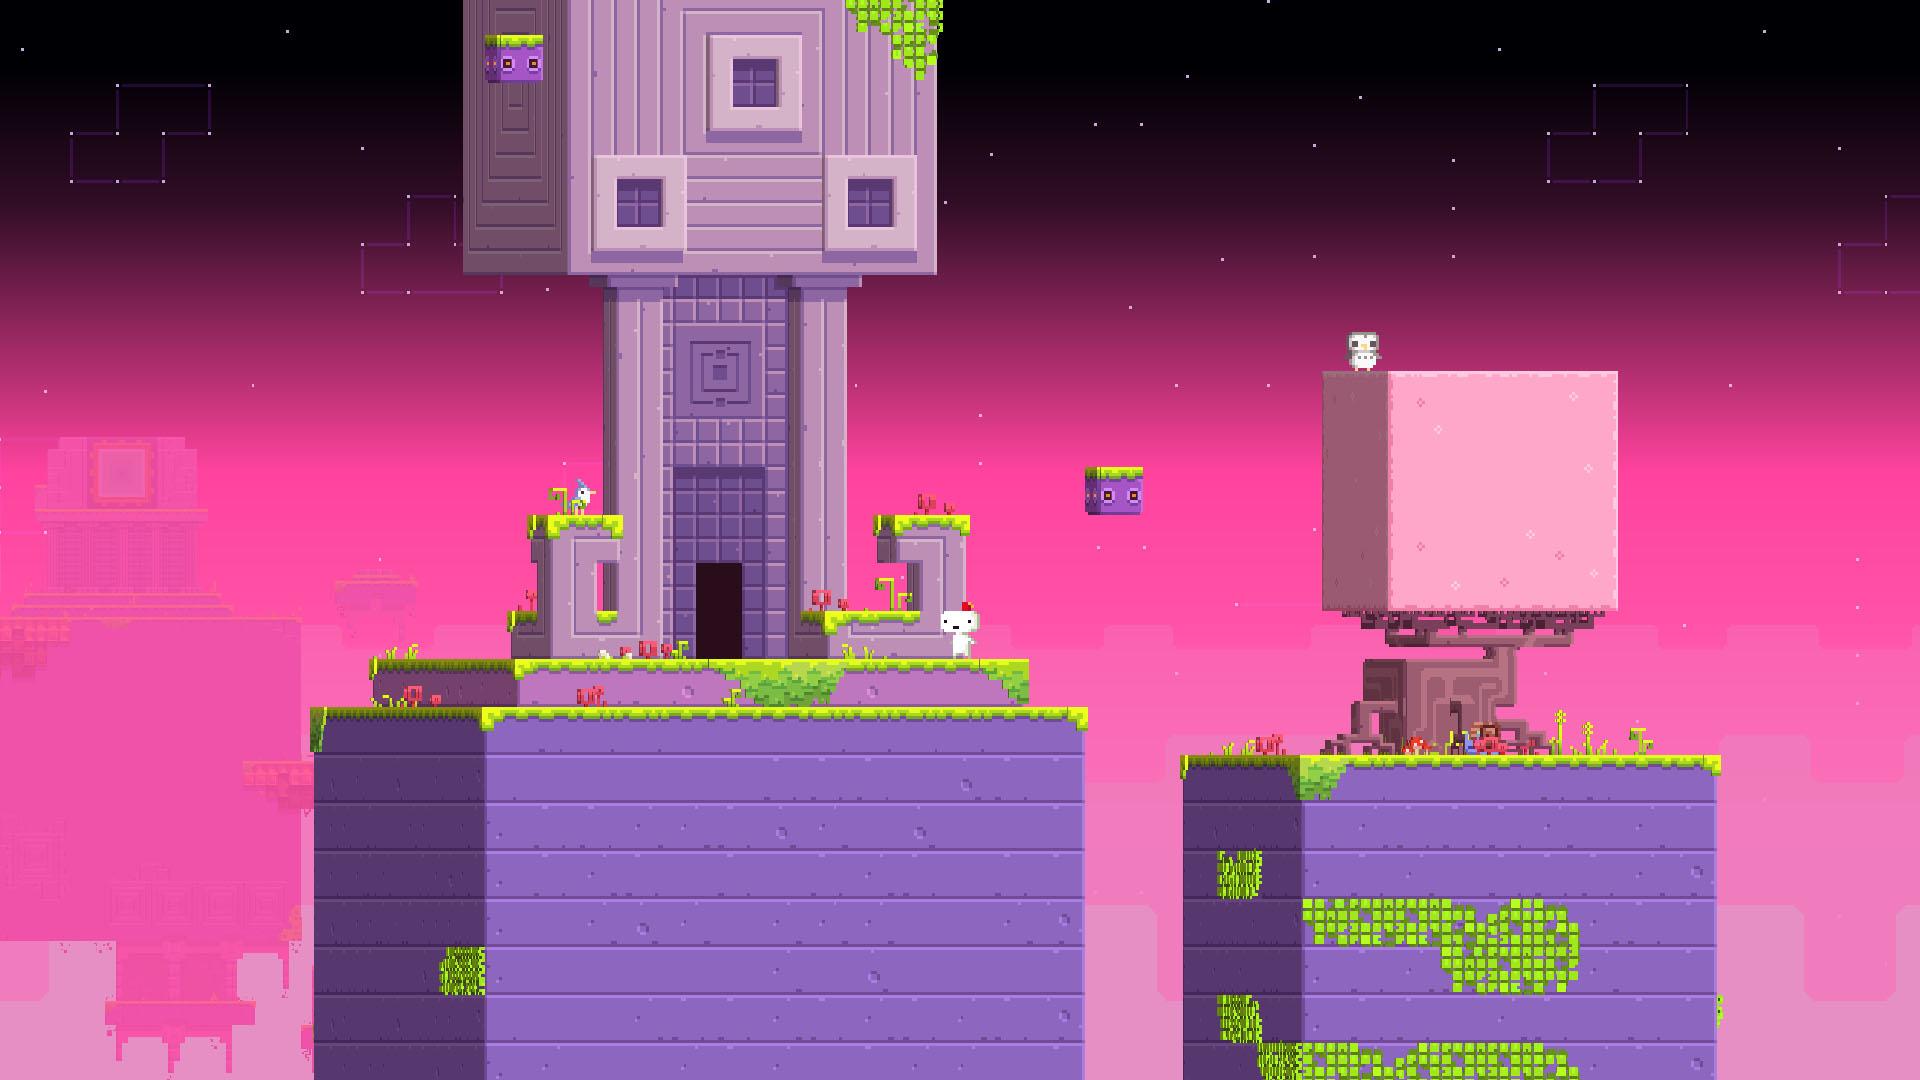 Pink Cute Wallpaper Backgrounds Fez Wallpaper A5 Hd Desktop Wallpapers 4k Hd